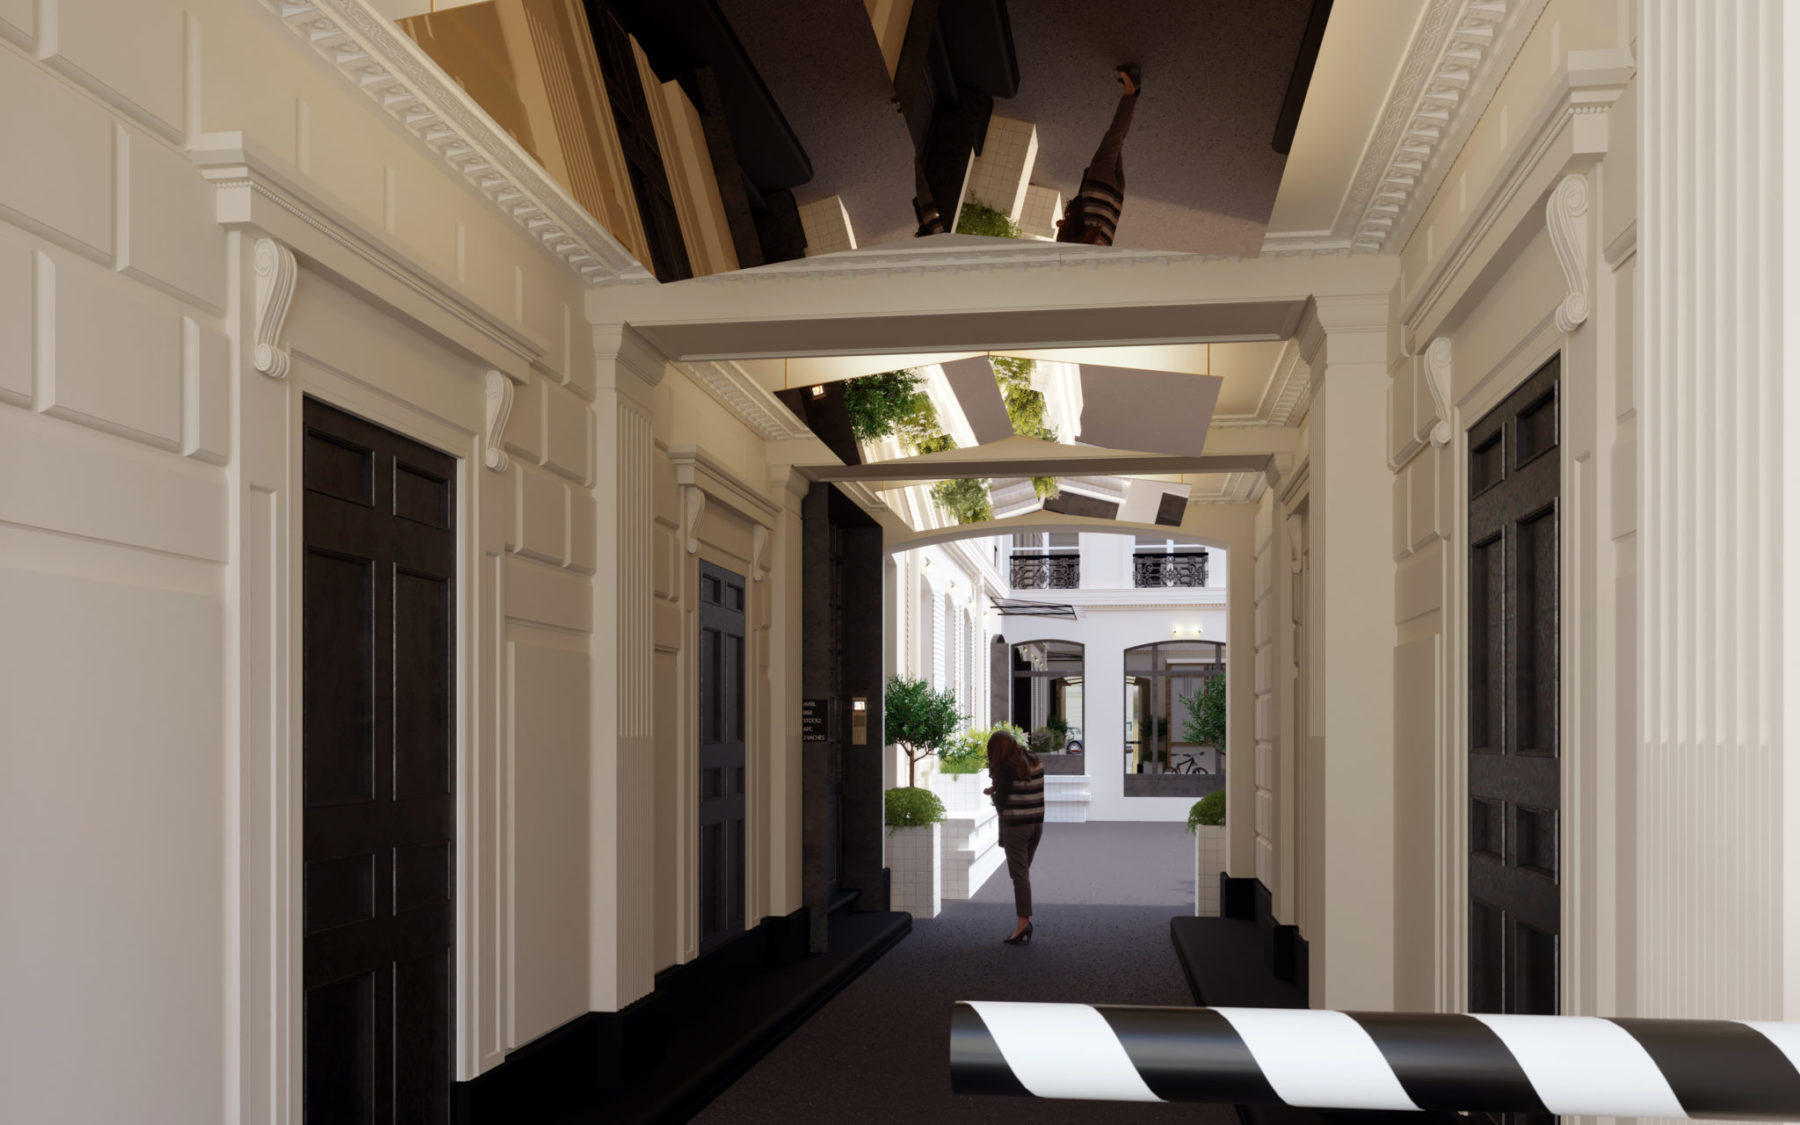 Porche d'entrée immeuble bureaux. Éclairage feuille laiton, light design. Immeuble d'Andrée Putman, rue Chauchat, Paris